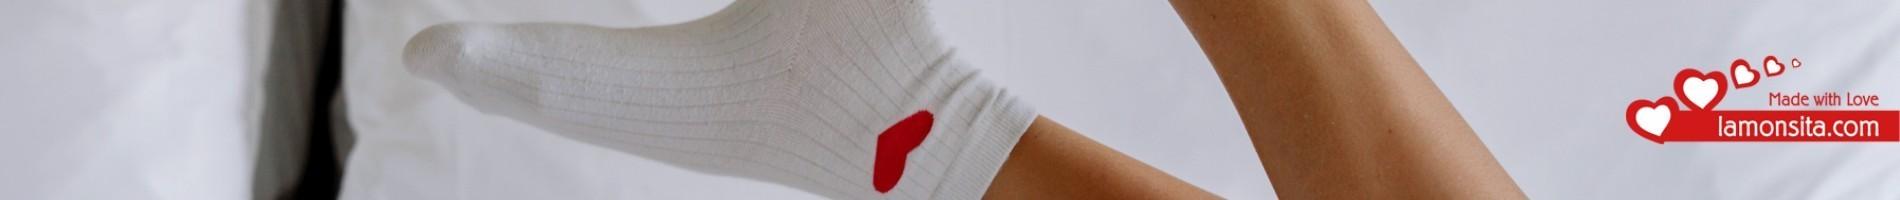 Calcetines Ysabel Mora Mujer► Calcetines Baratos| lamonsita.com